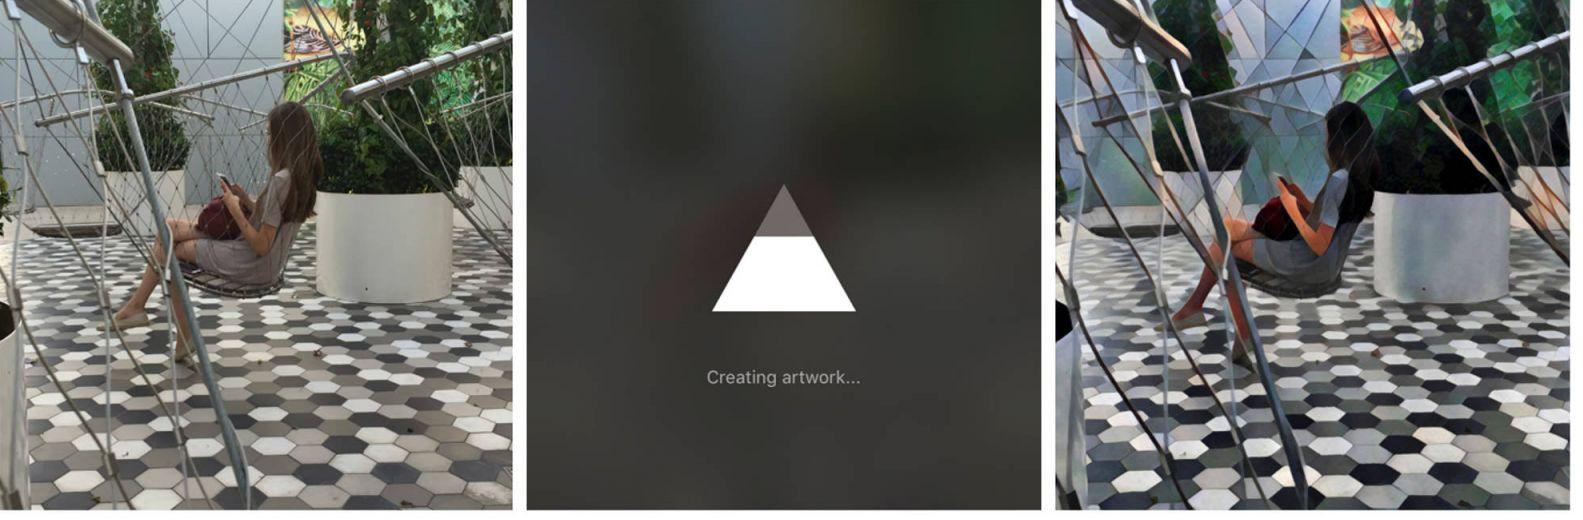 Обработка изображения в приложении Prisma